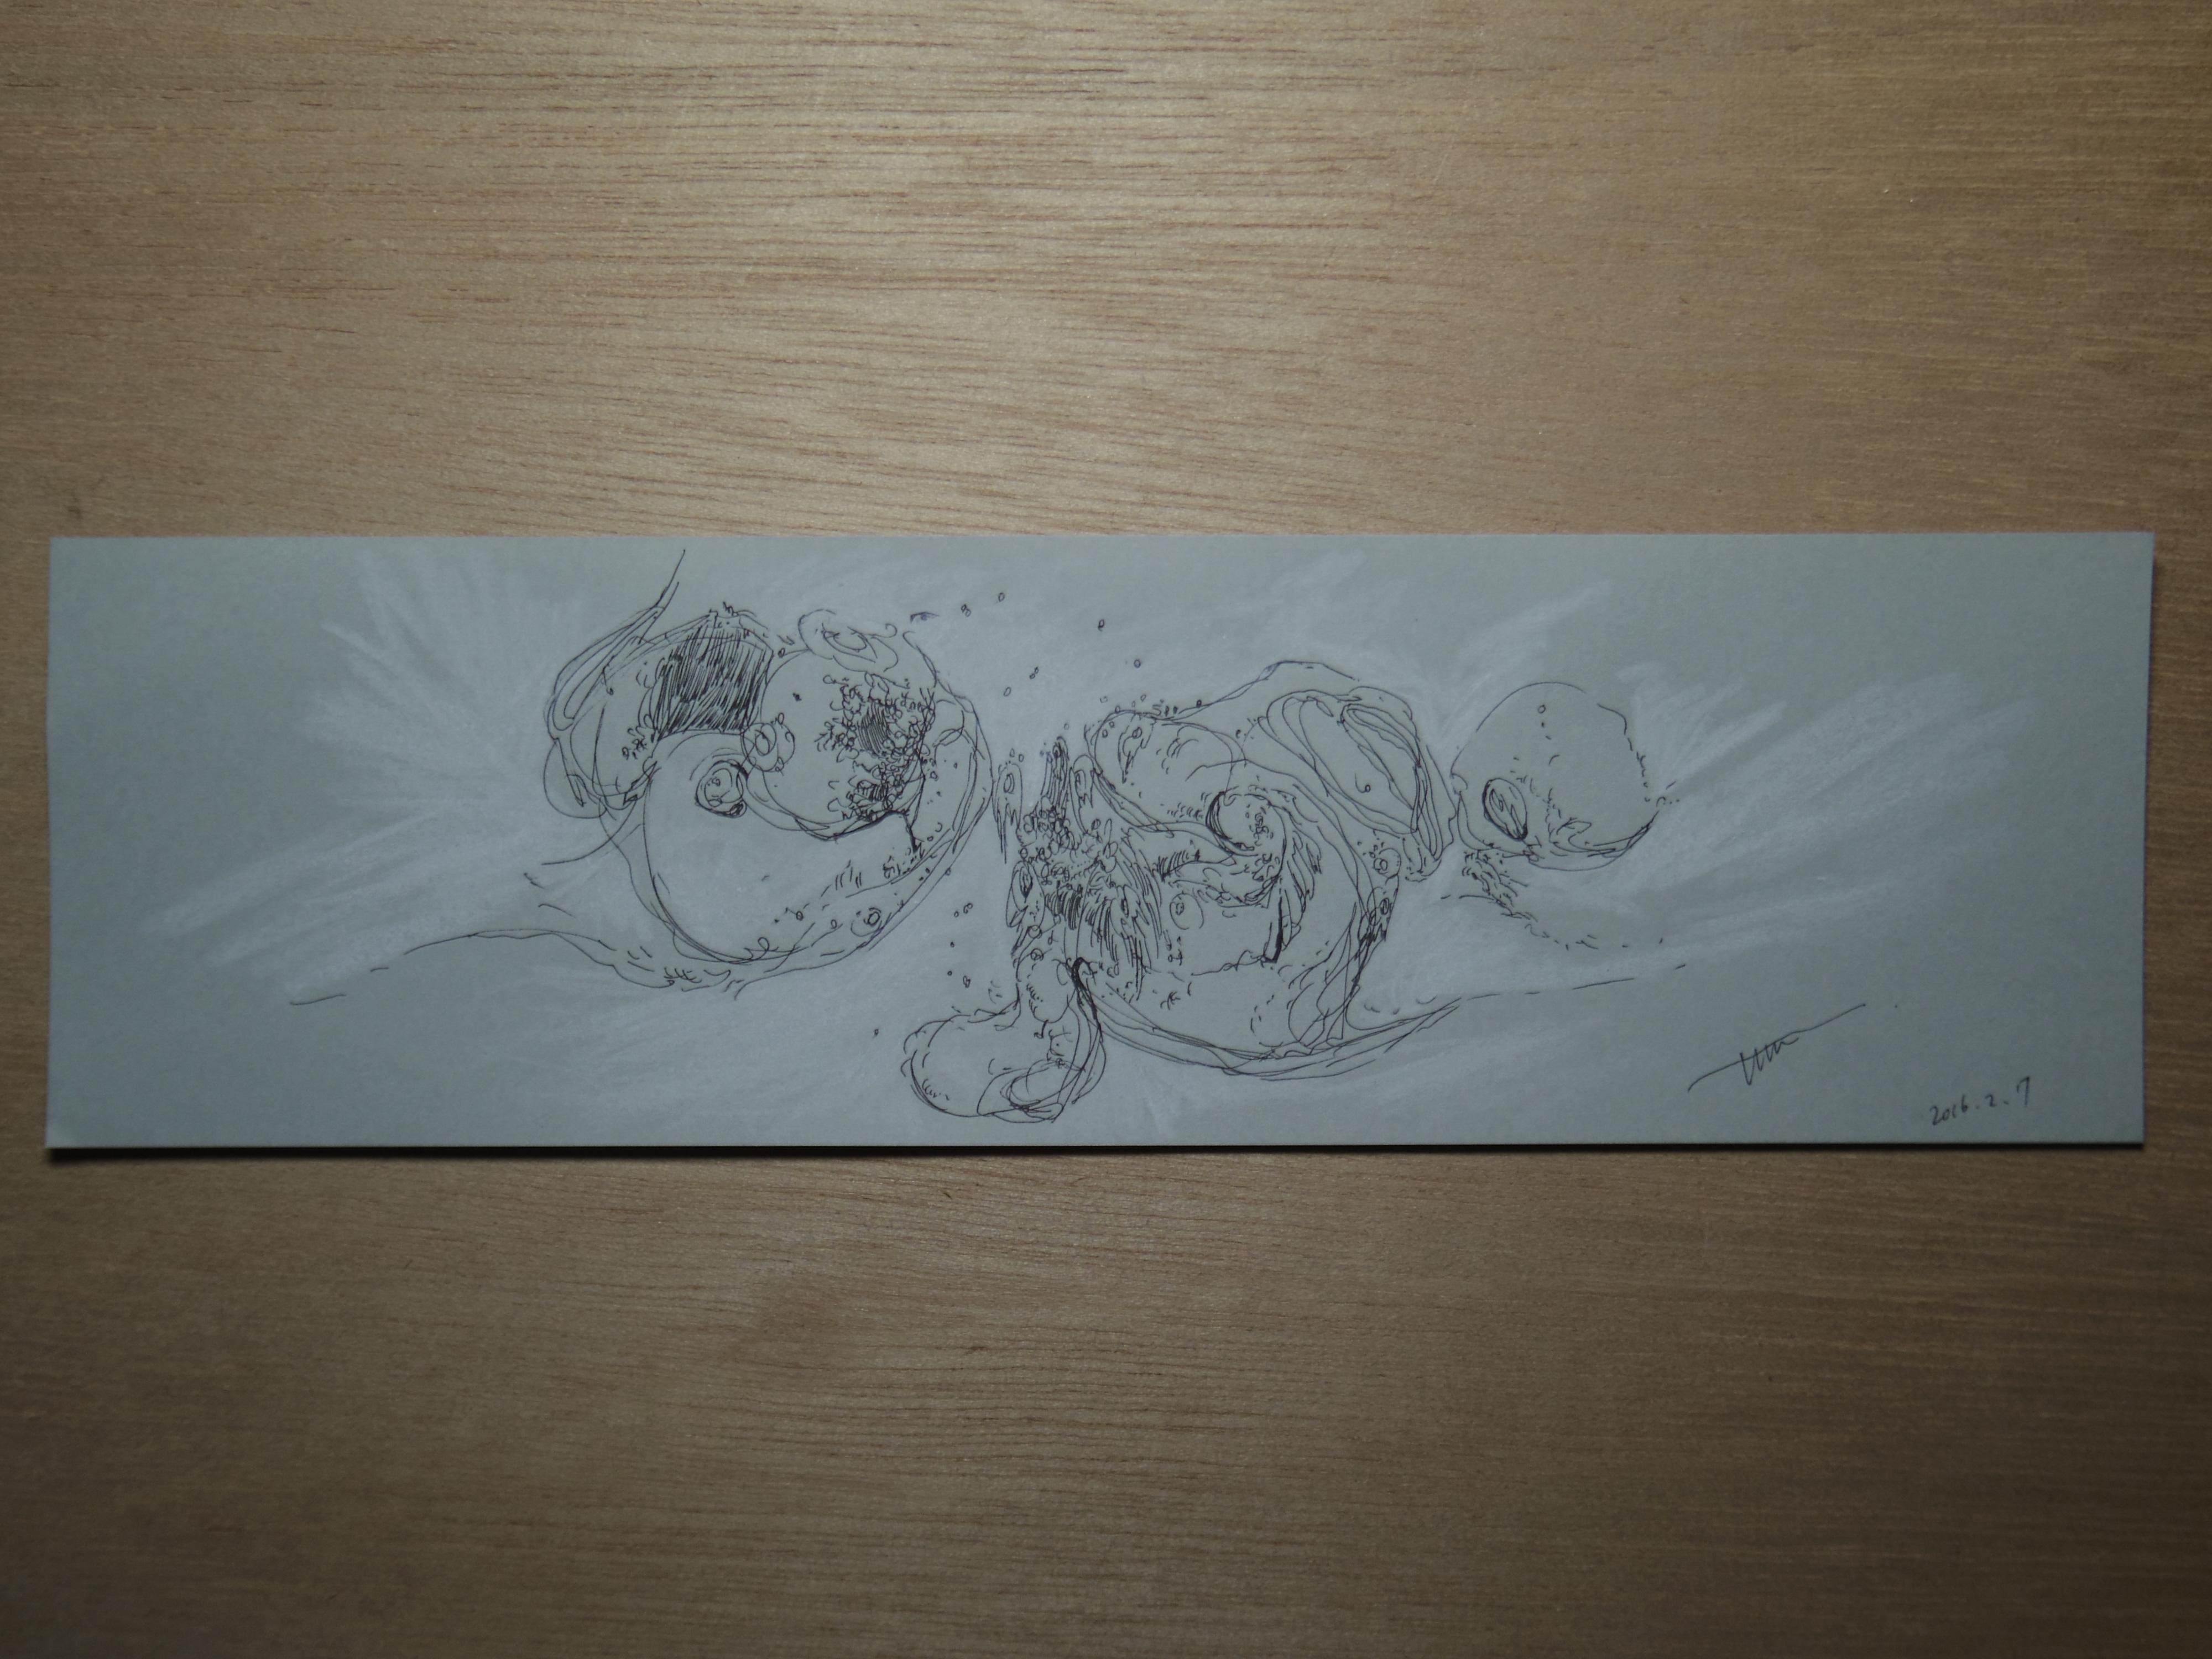 灰景線描 01